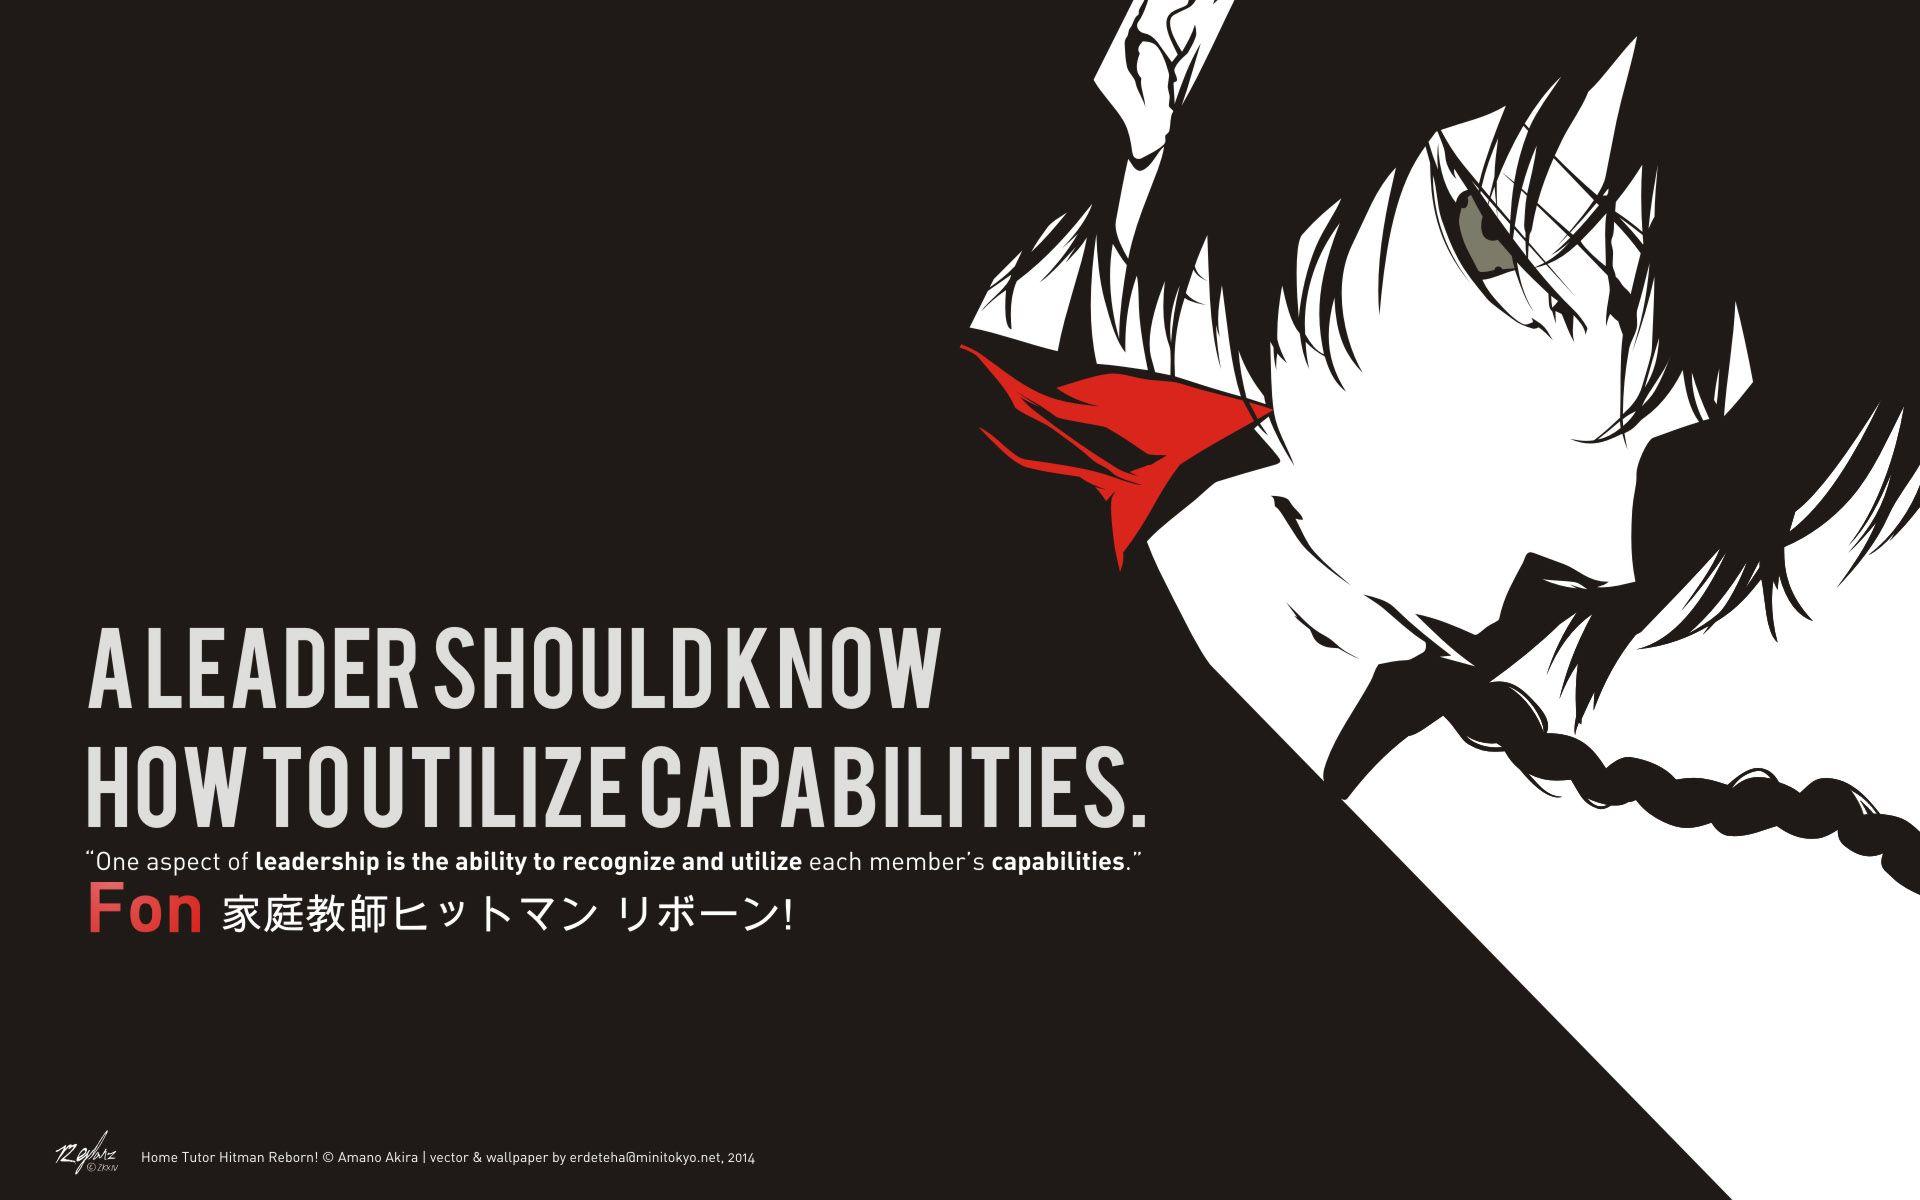 Katekyo hitman reborn inspiring quotes manga anime